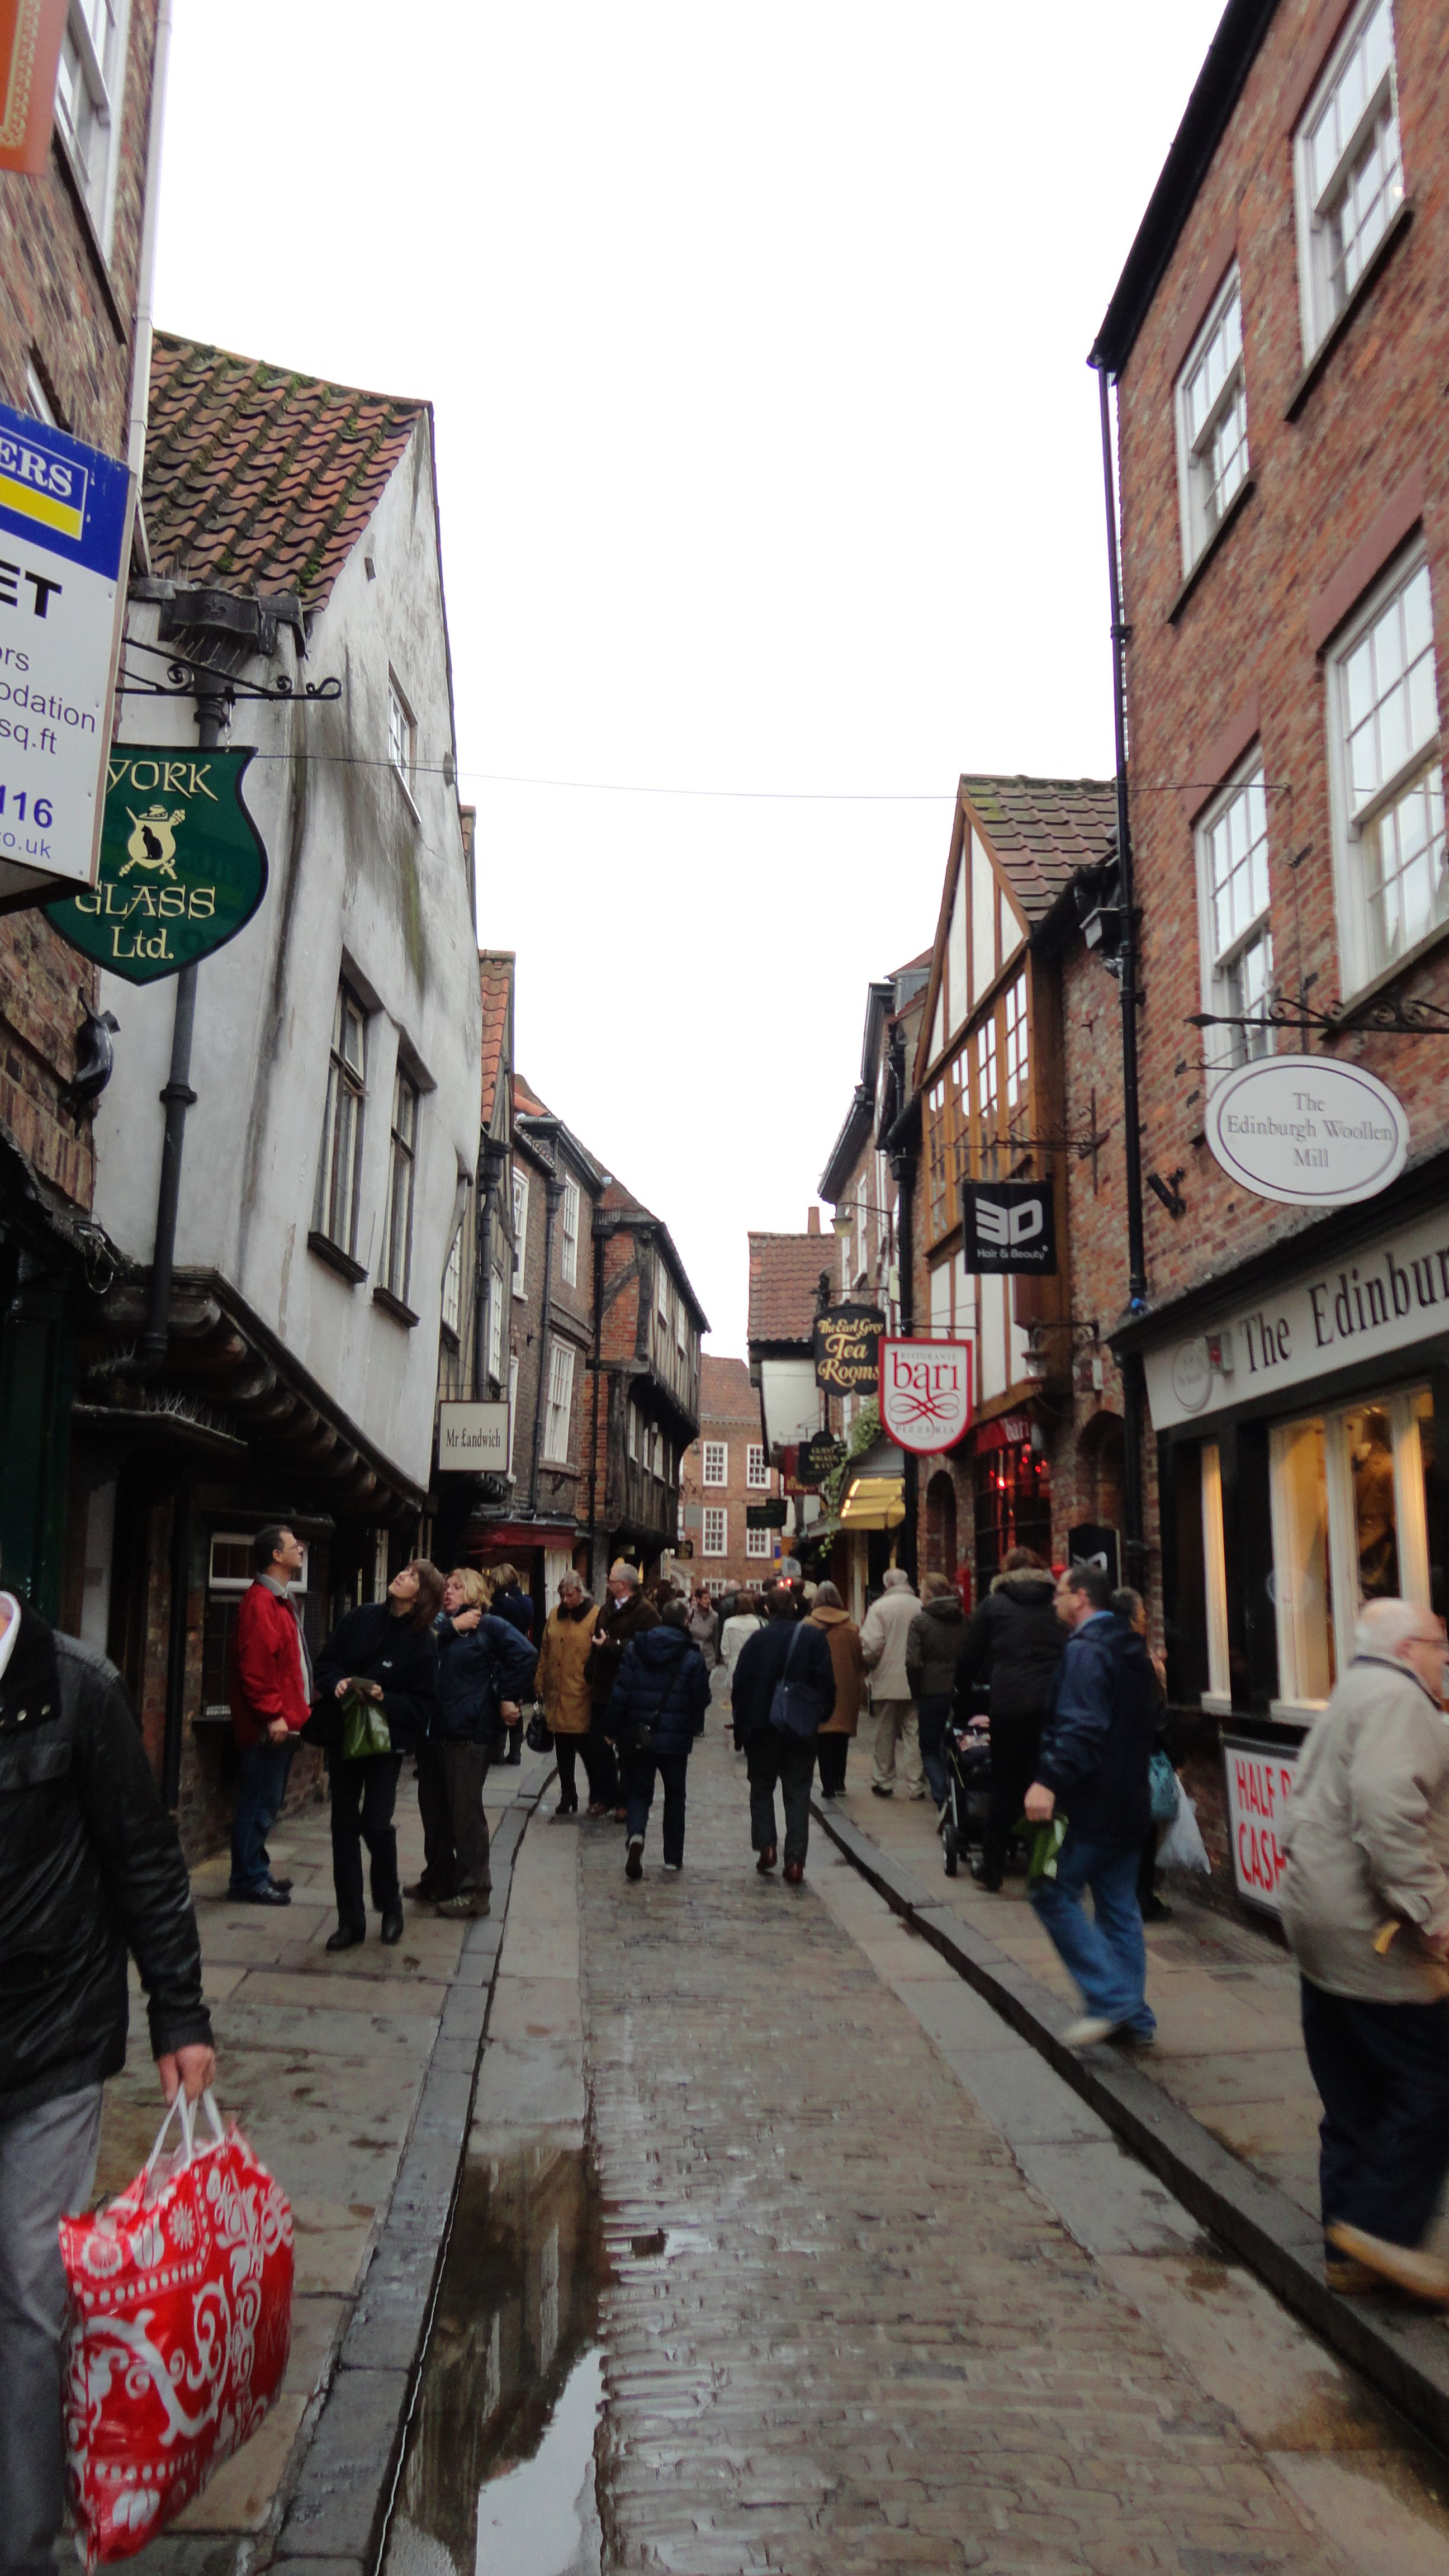 The Shambles, York, UK